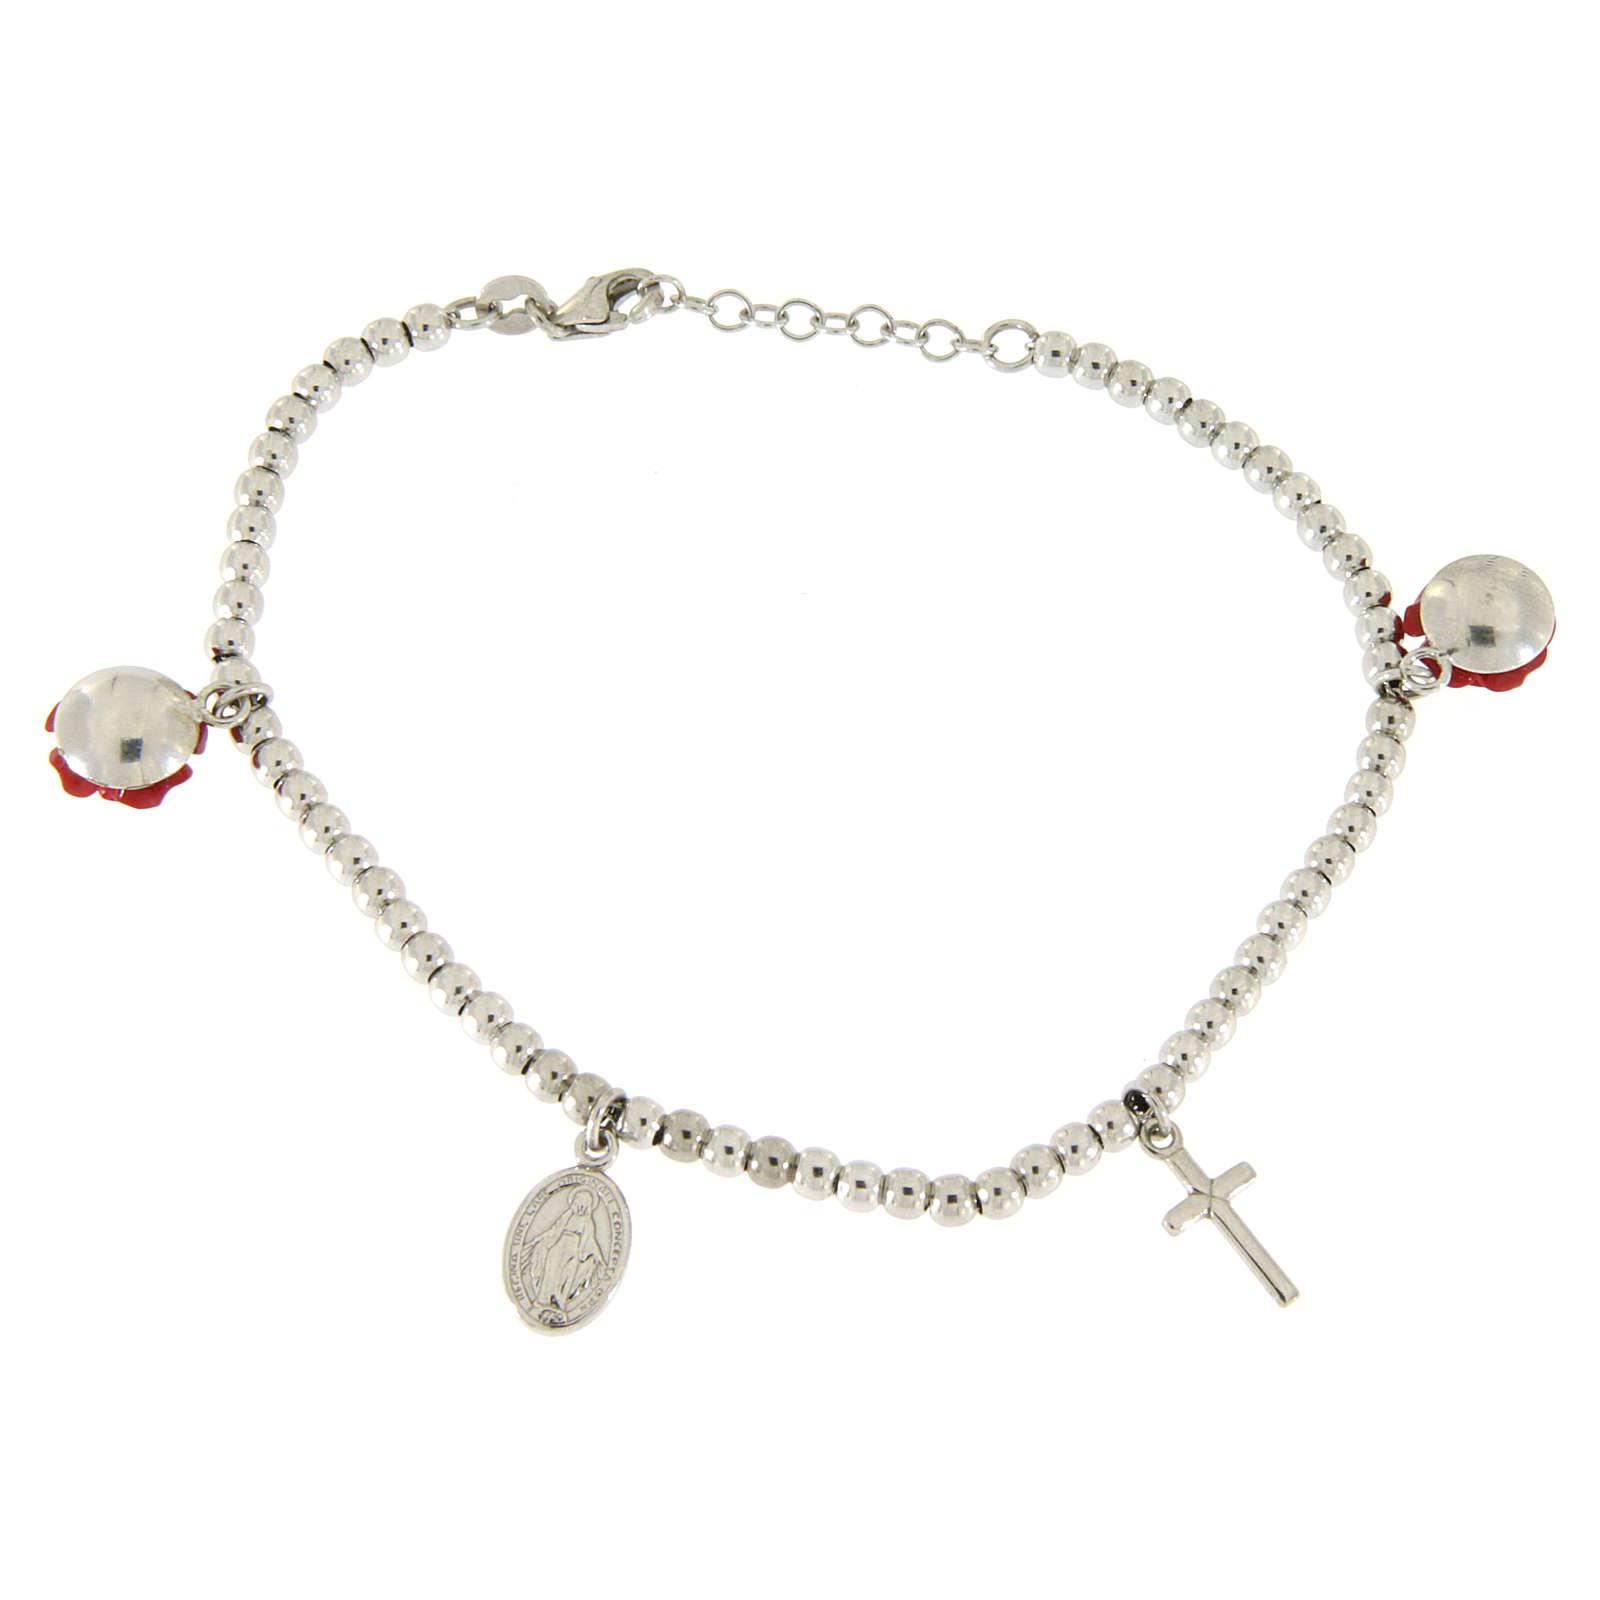 Bracciale sfere 4 mm in argento 925 pendenti roselline in resina, croce e medaglietta 4